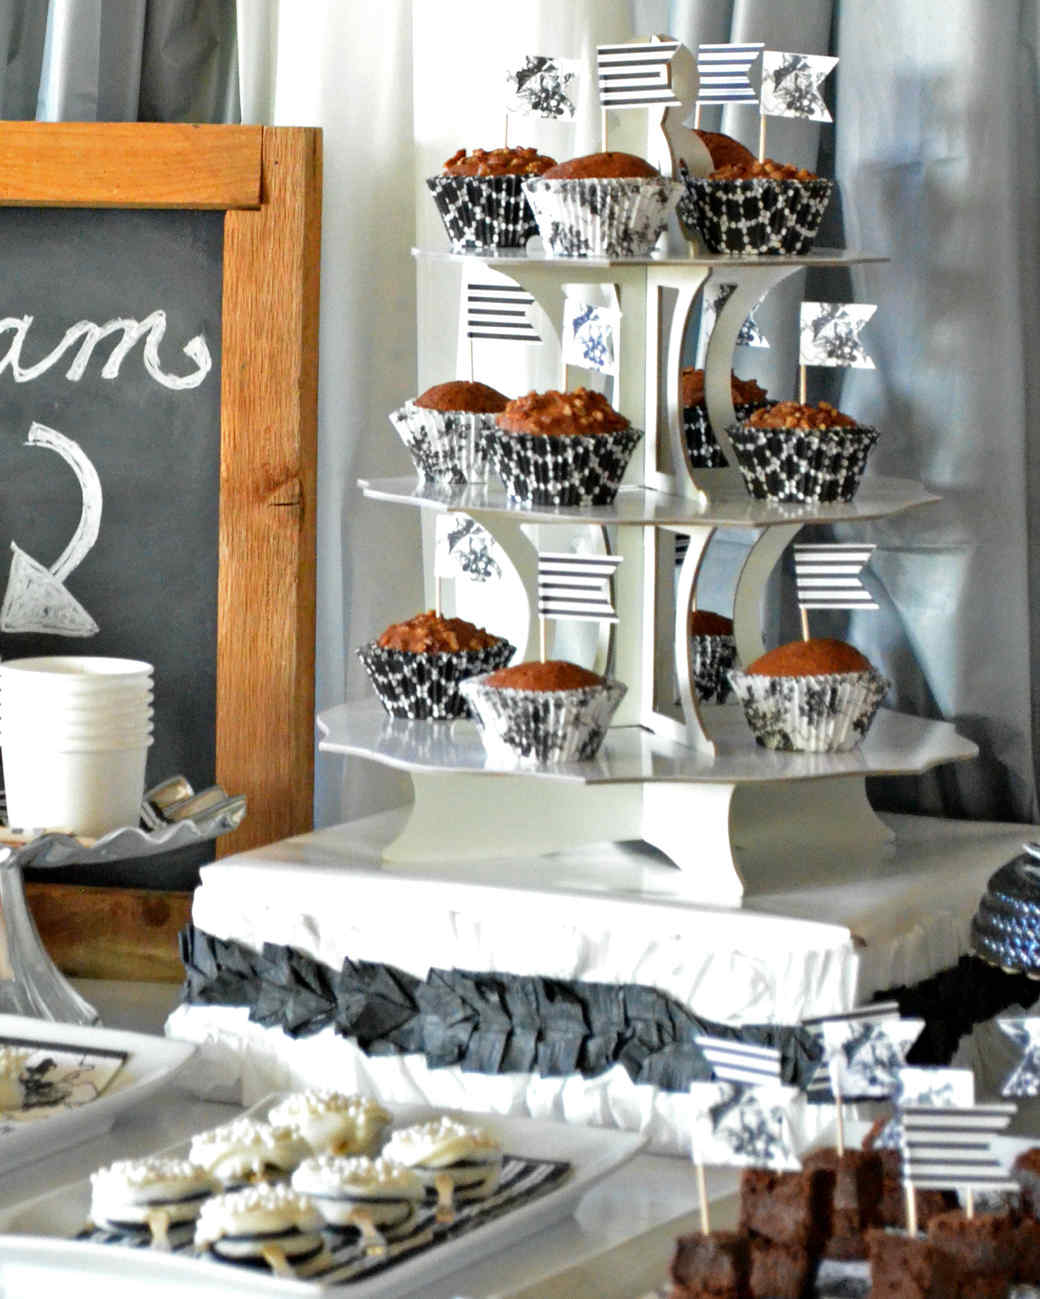 jcp-celebrations-dessert-table-3.jpg